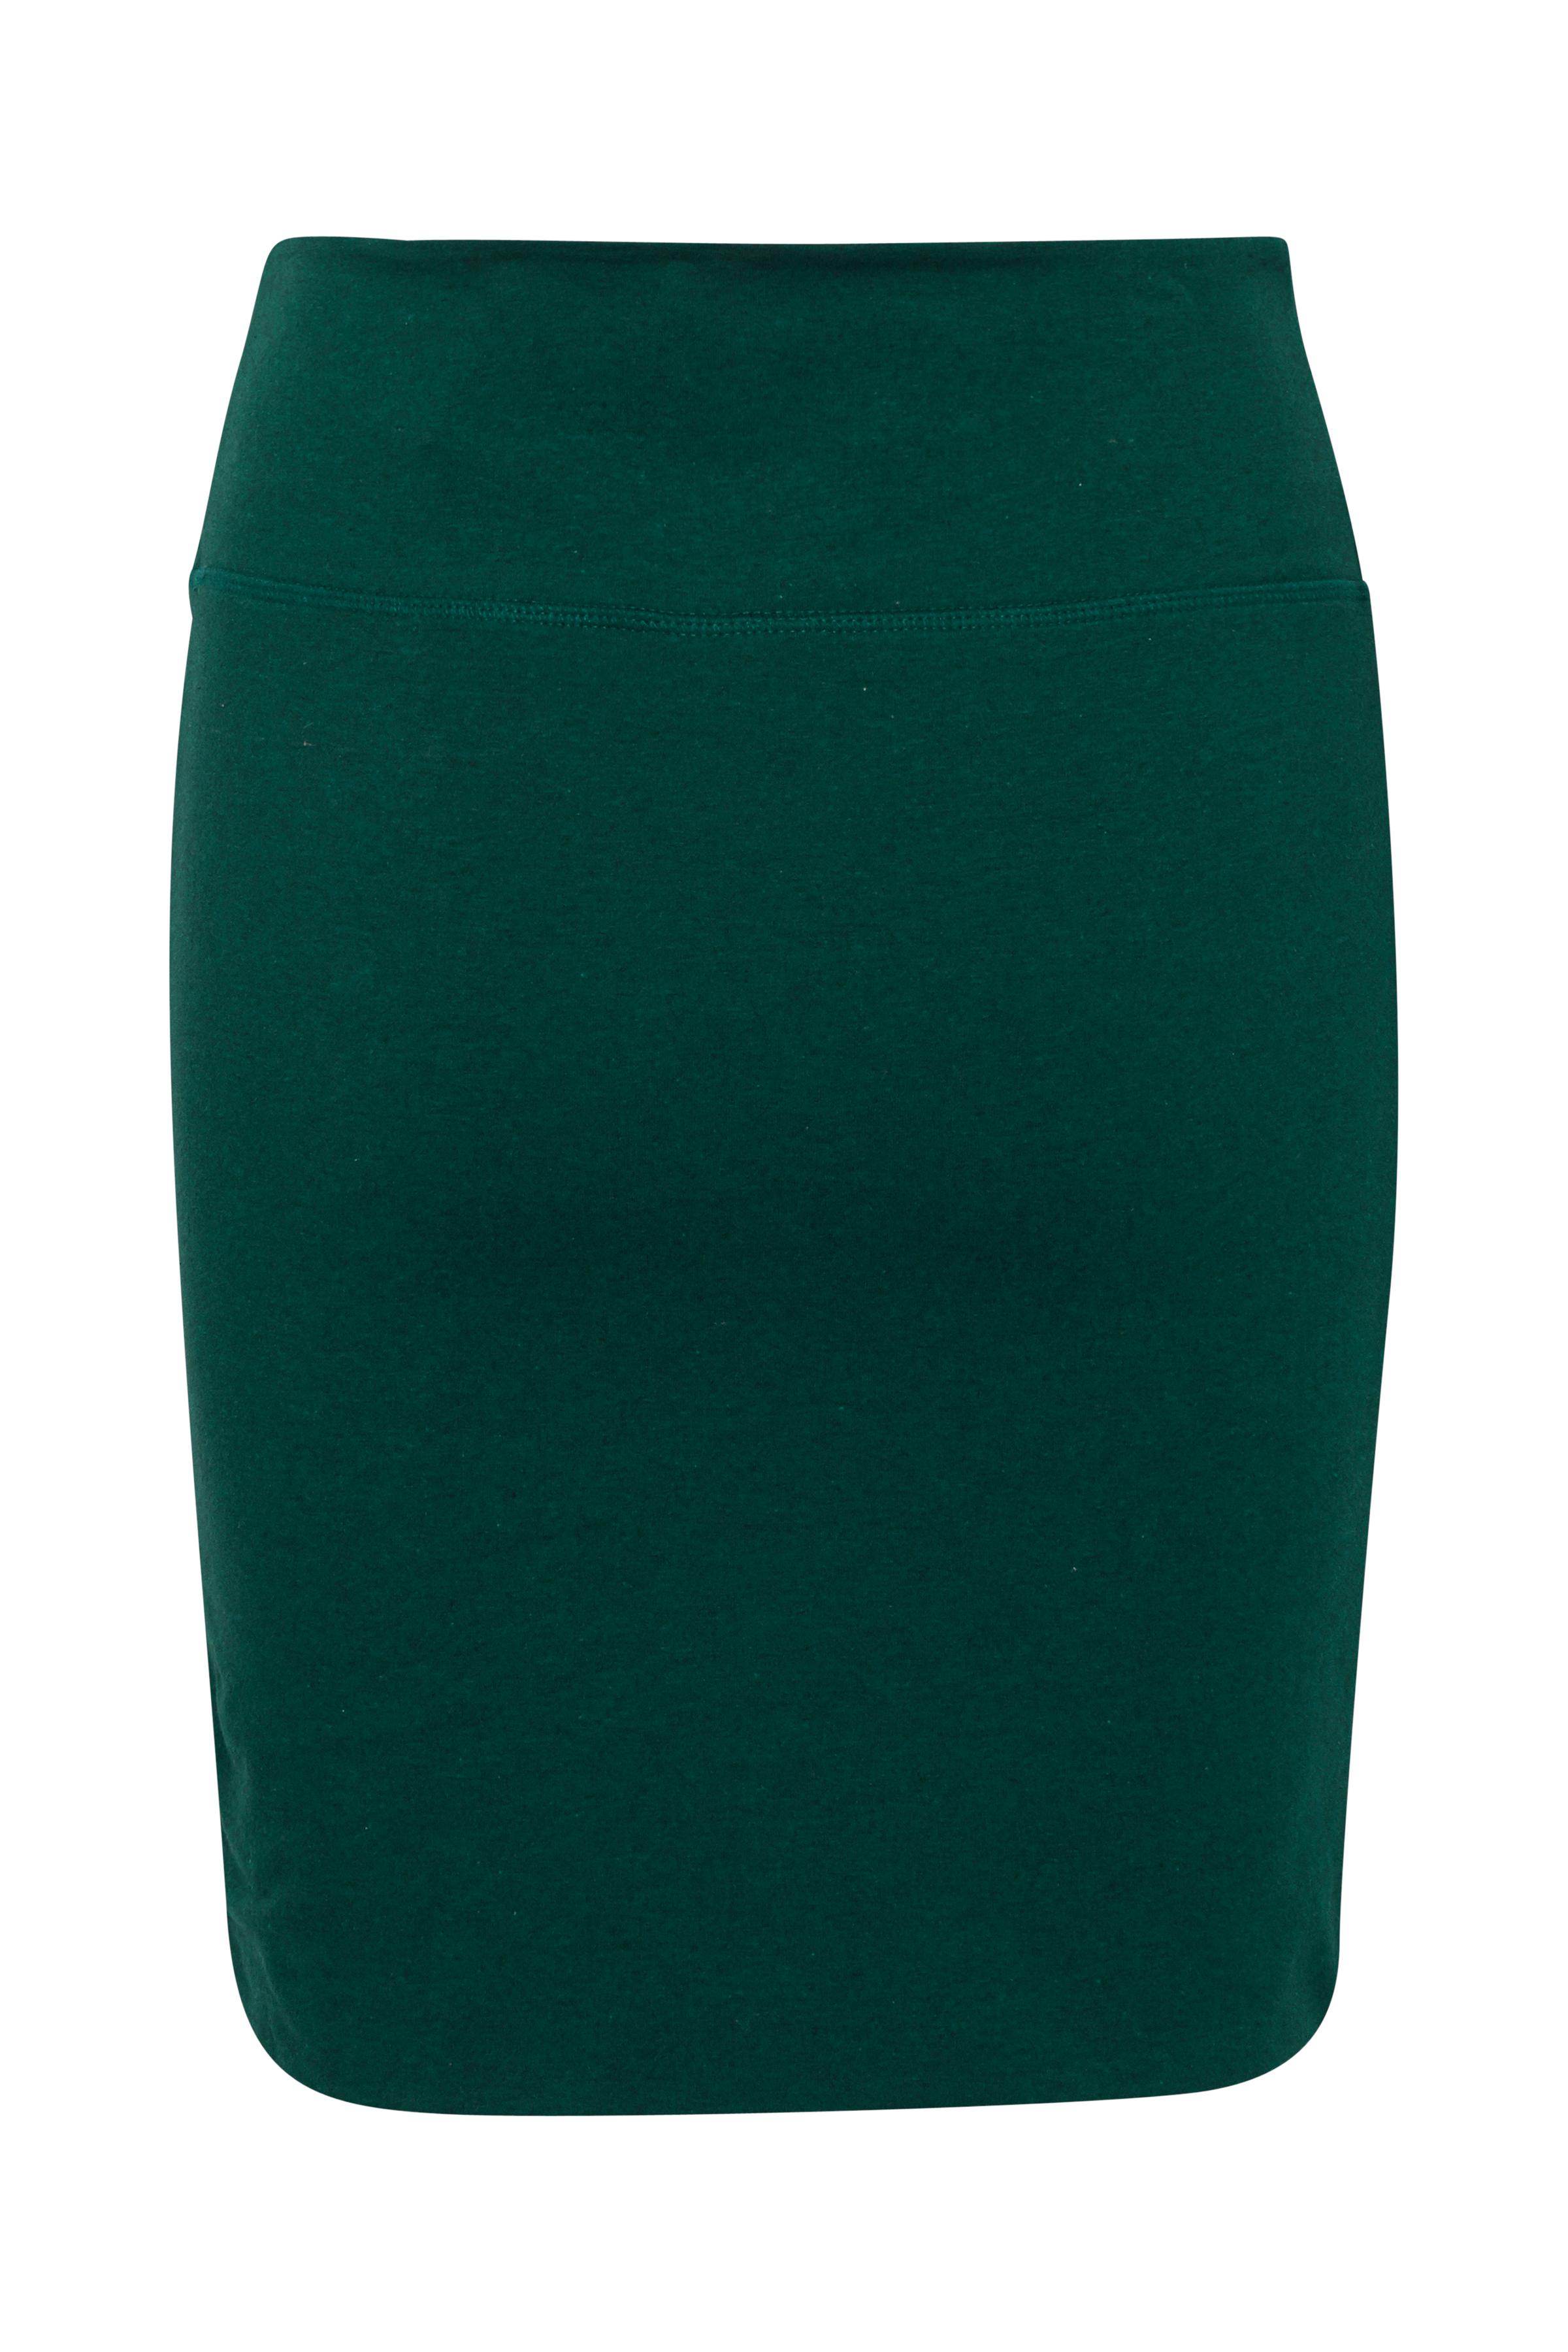 Majestic Green Nederdel fra b.young – Køb Majestic Green Nederdel fra str. XS-XXL her